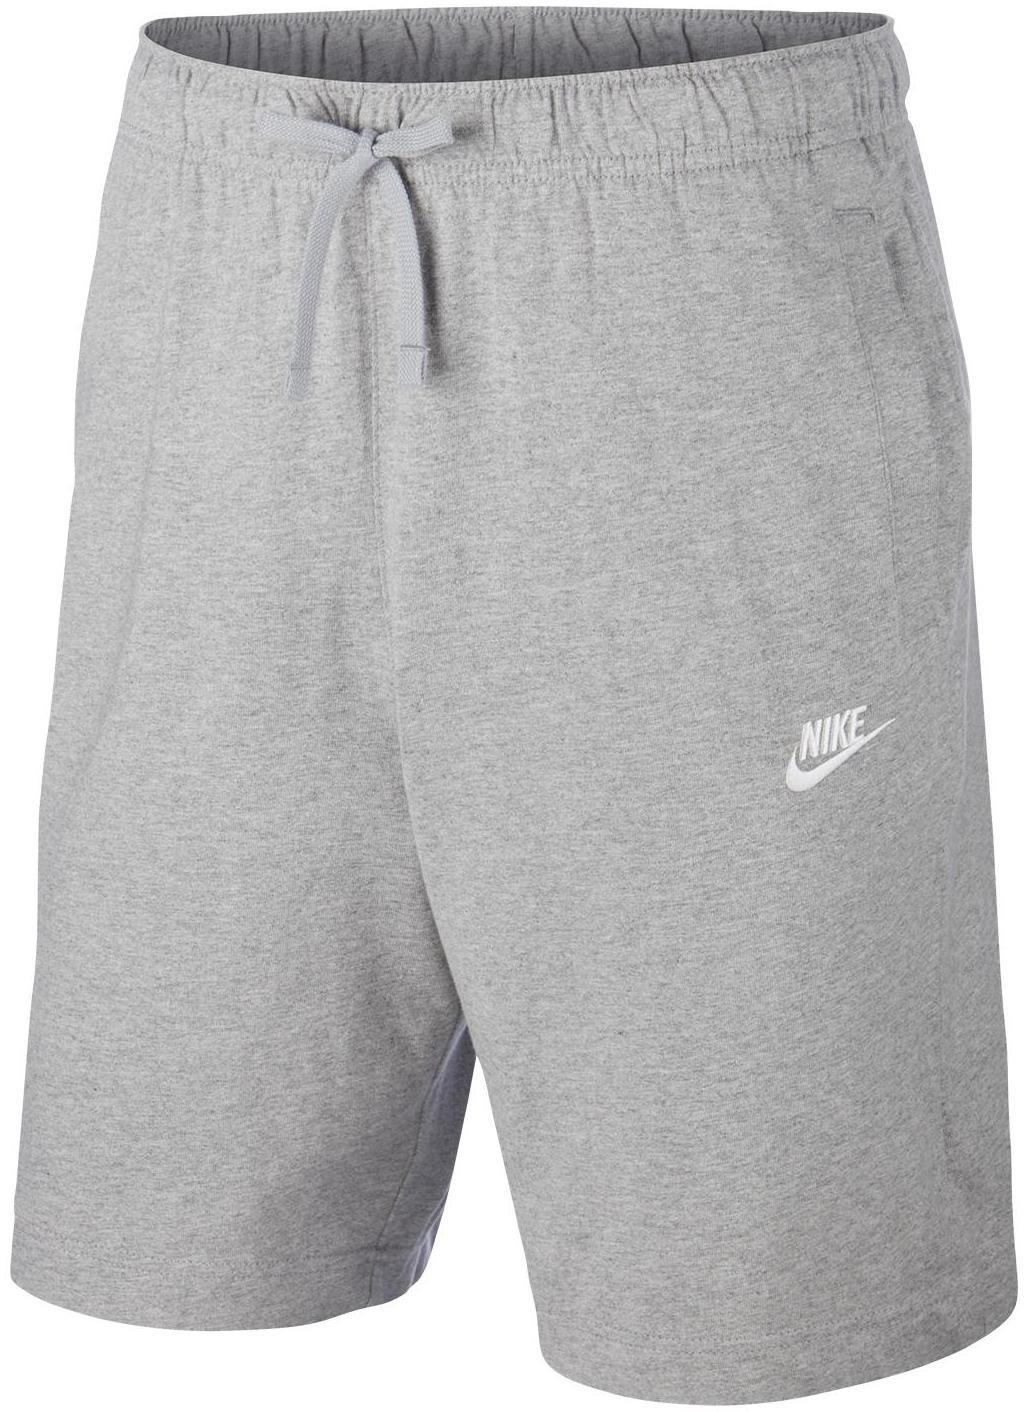 Levně Nike sportswear club men's jersey short XL